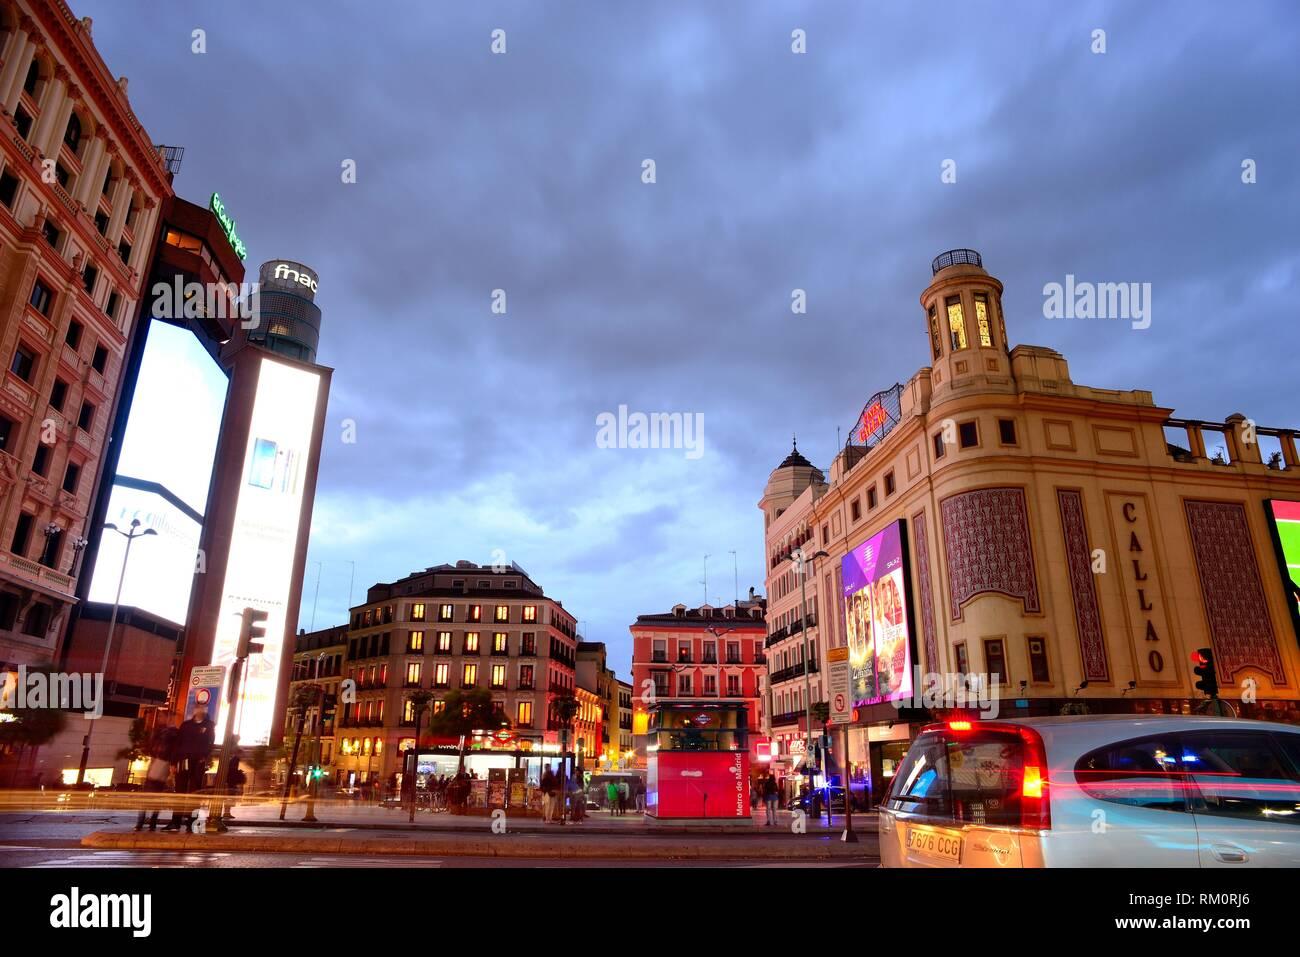 Square de Callao dans la rue Gran Via, Madrid, Espagne. Photo Stock